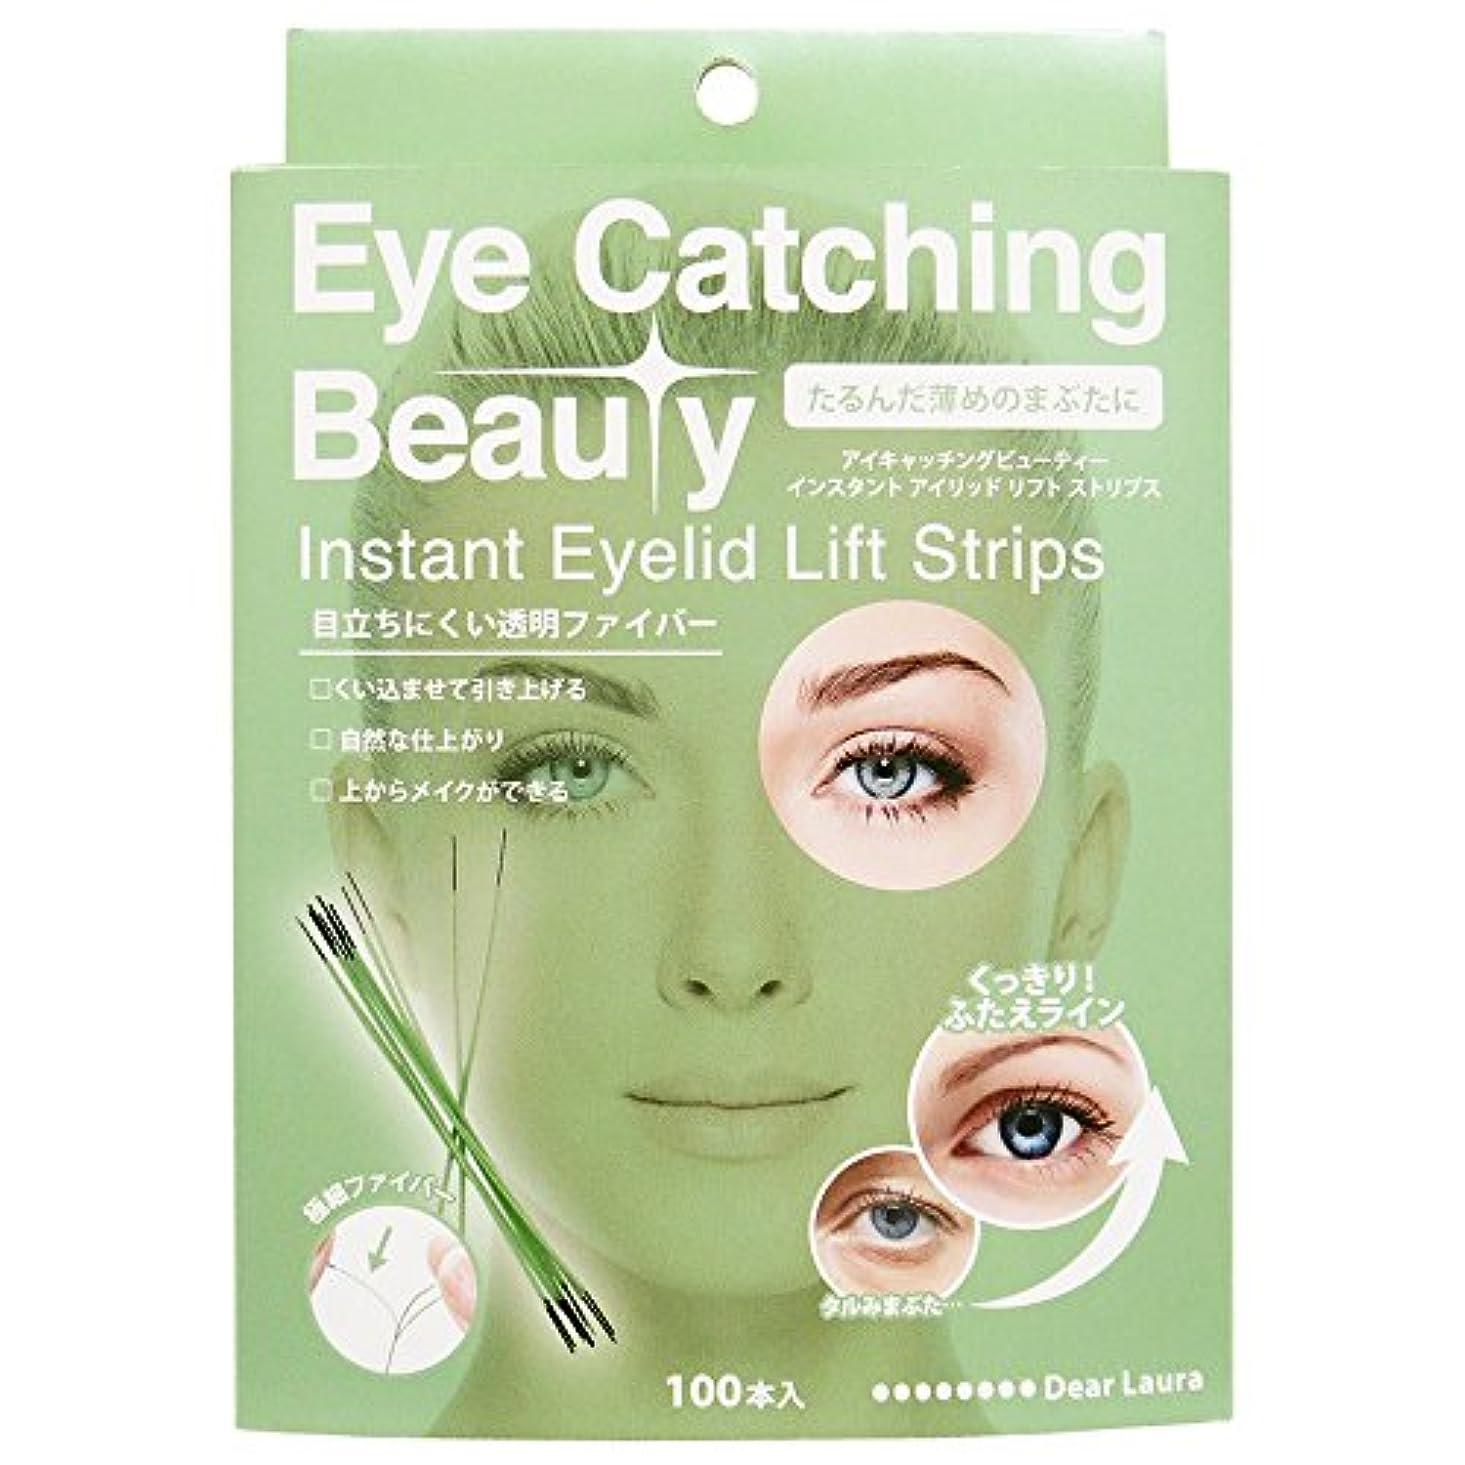 毒液中傷ミュージカルアイキャッチングビューティー (Eye Catching Beauty) インスタント アイリッド リフト ストリップス ECB-J03 100本